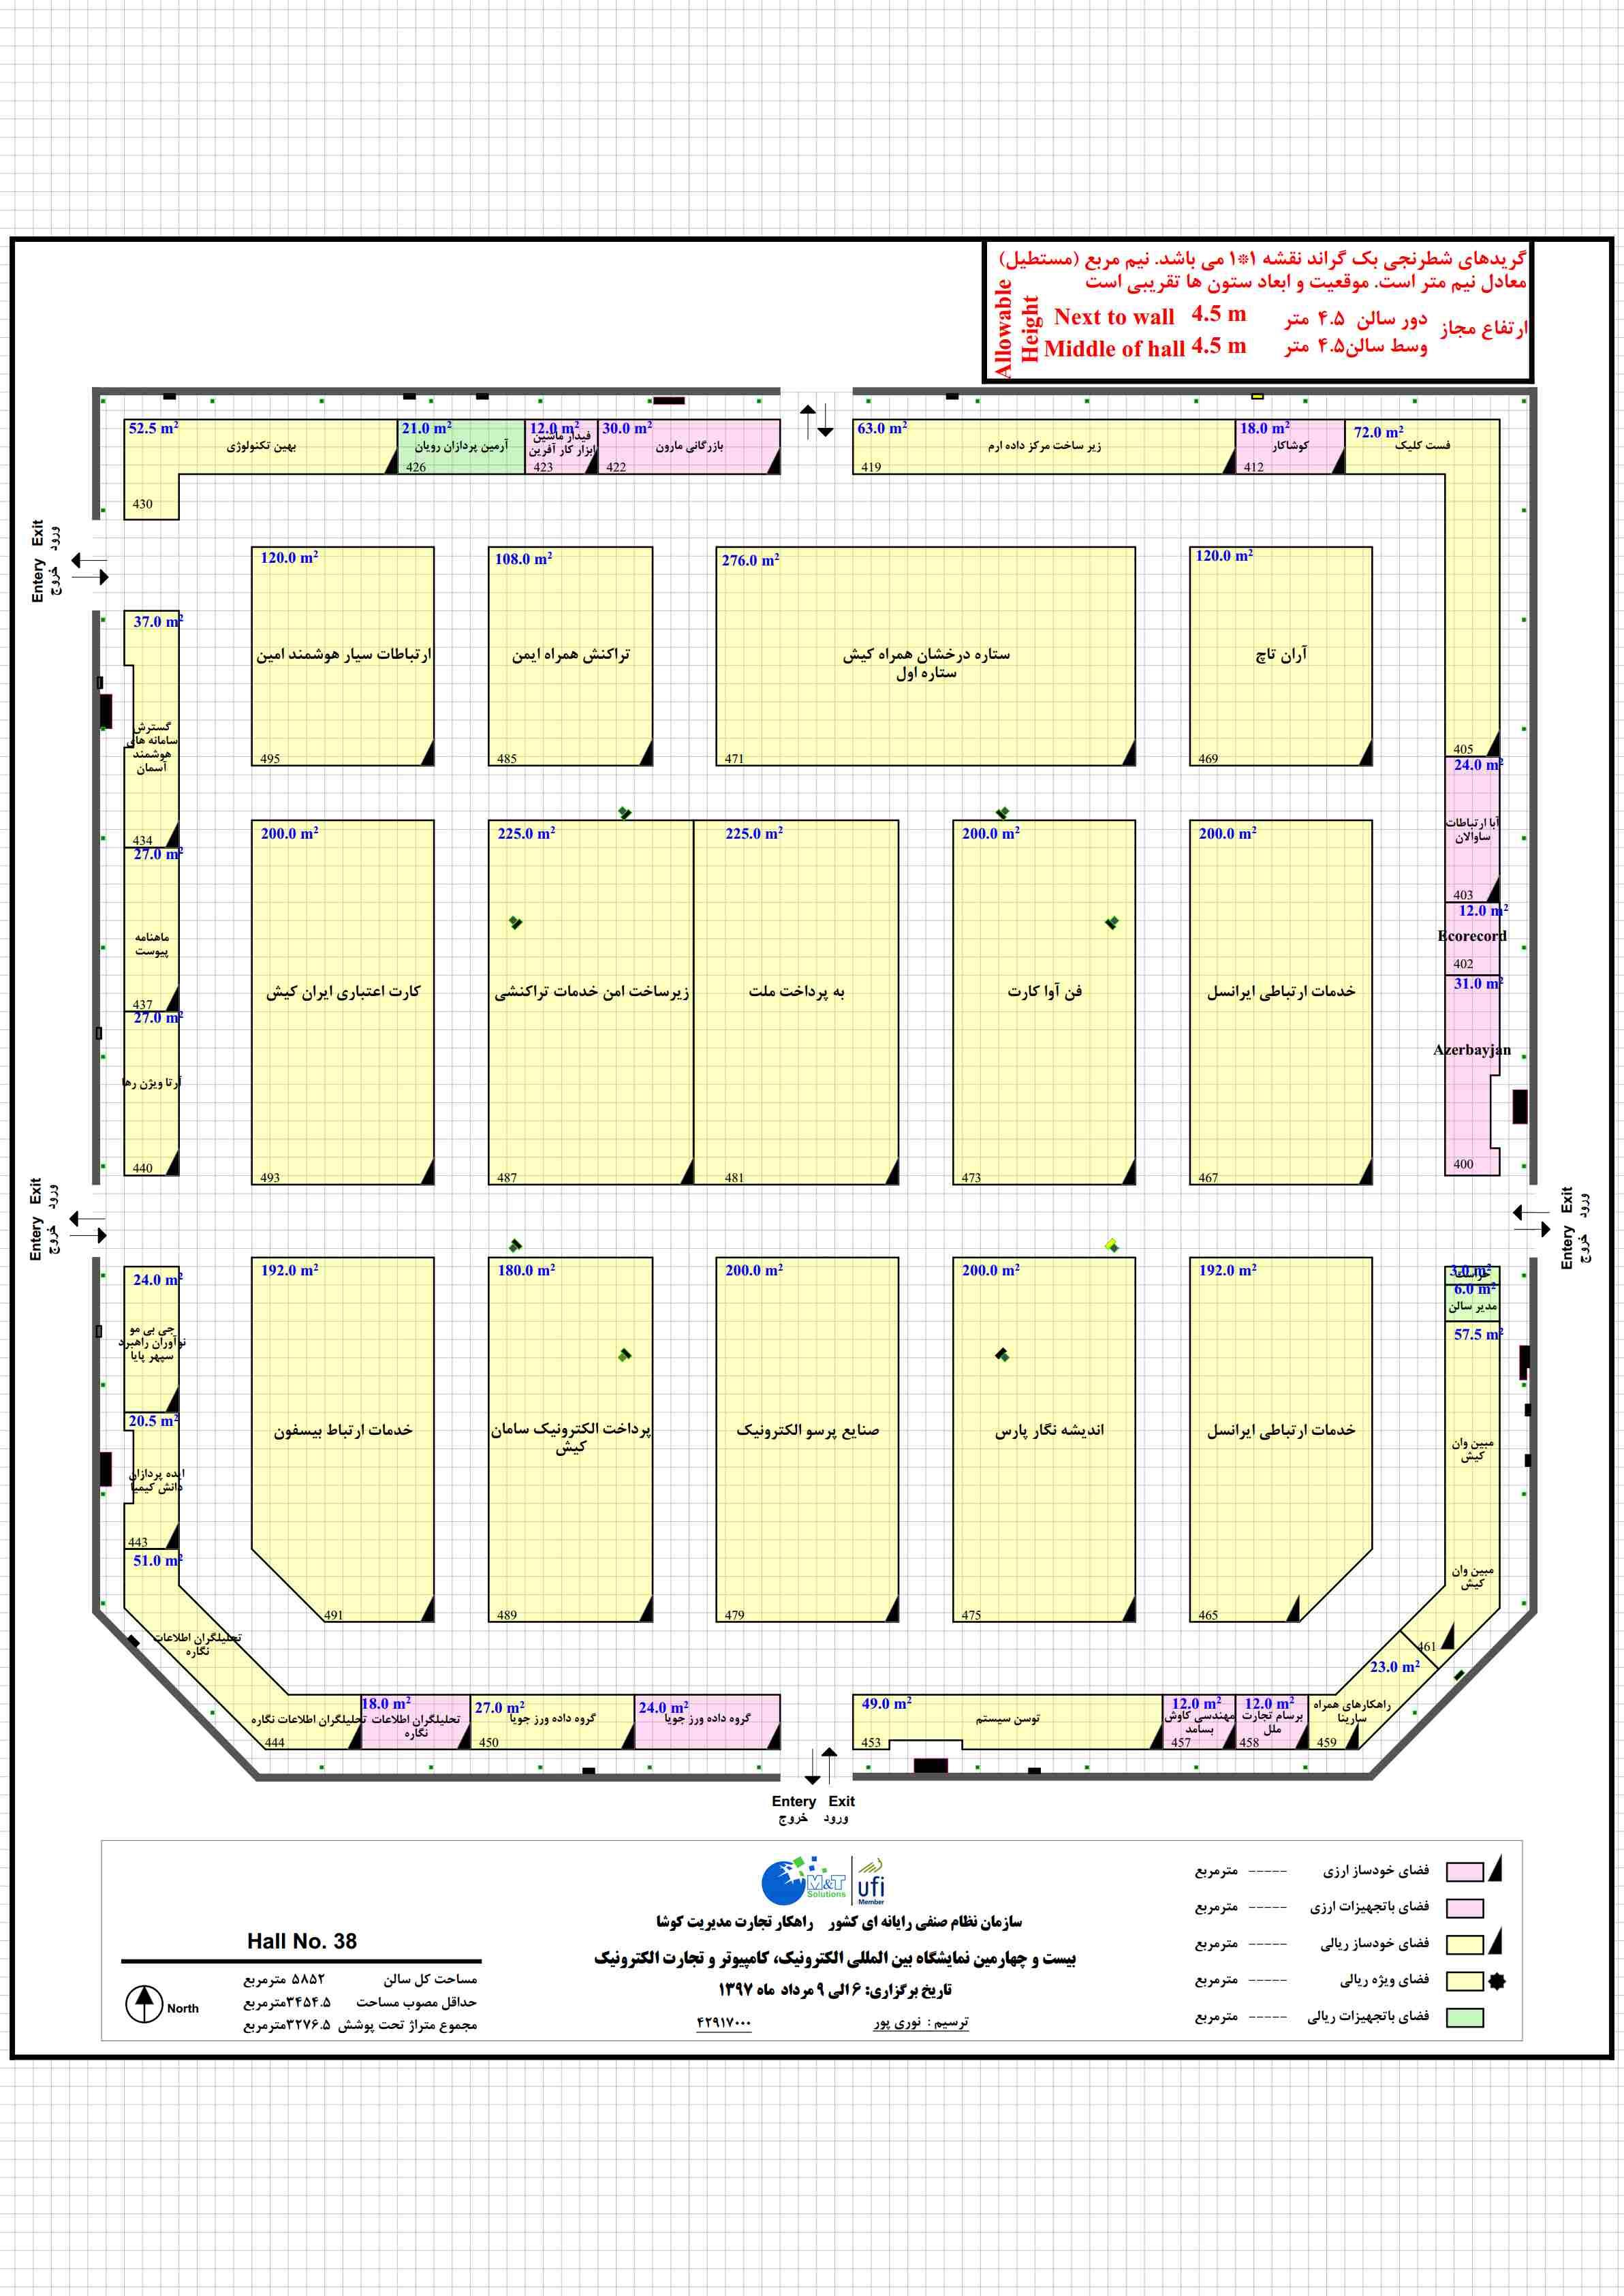 نقشه راهنمای نمایشگاه الکامپ تهران سالن 38